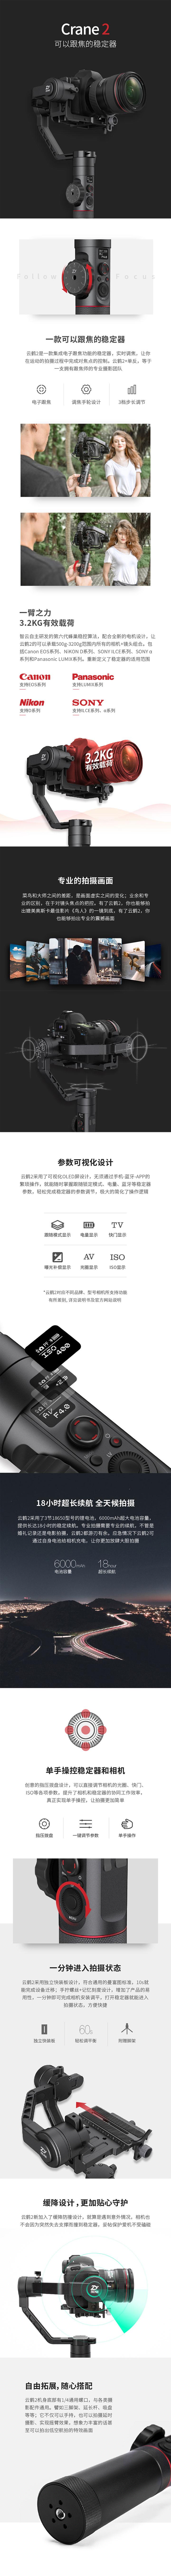 智云云鹤2专业稳定器免费试用,评测